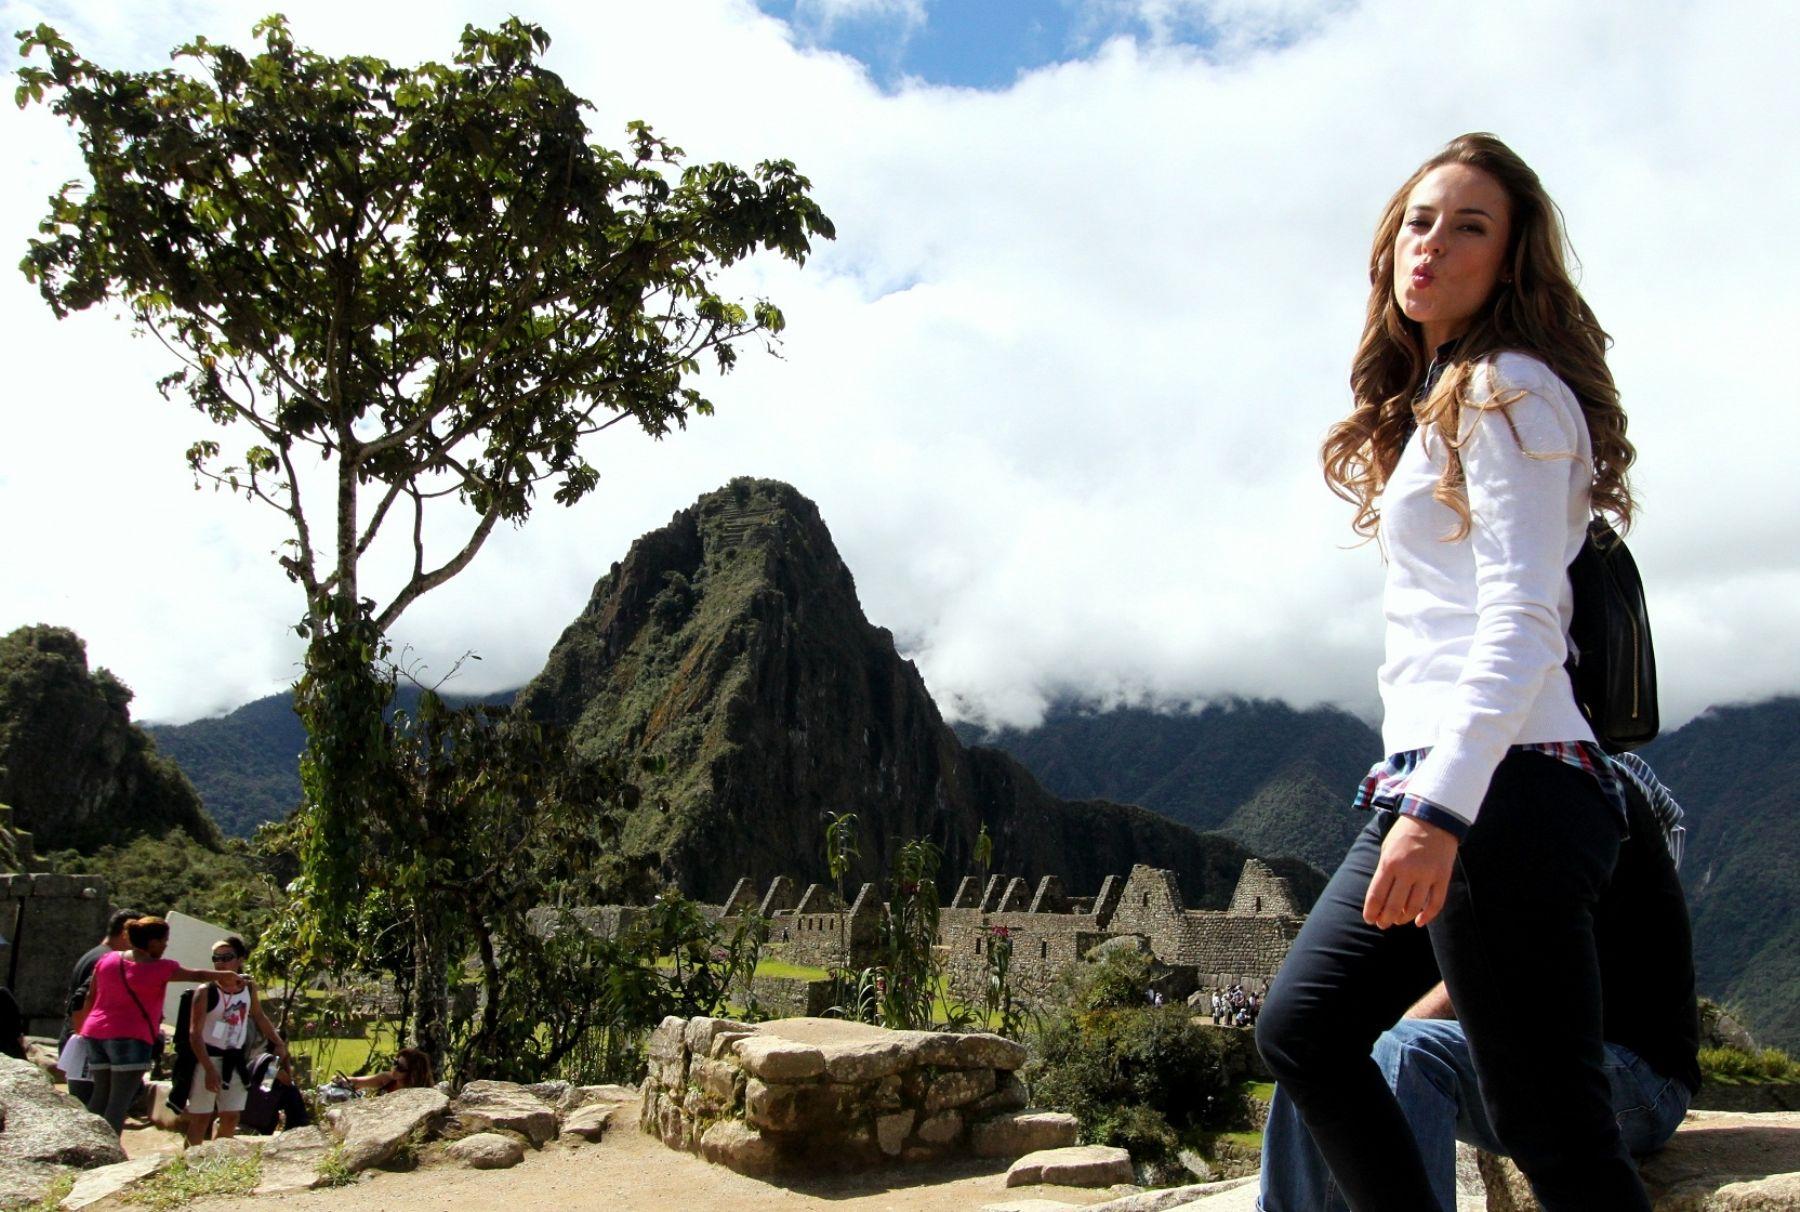 La actriz brasileña Paolla Oliveira se mostró feliz por su visita a Machu Picchu, donde grabó escenas de la telenovela que protagoniza.